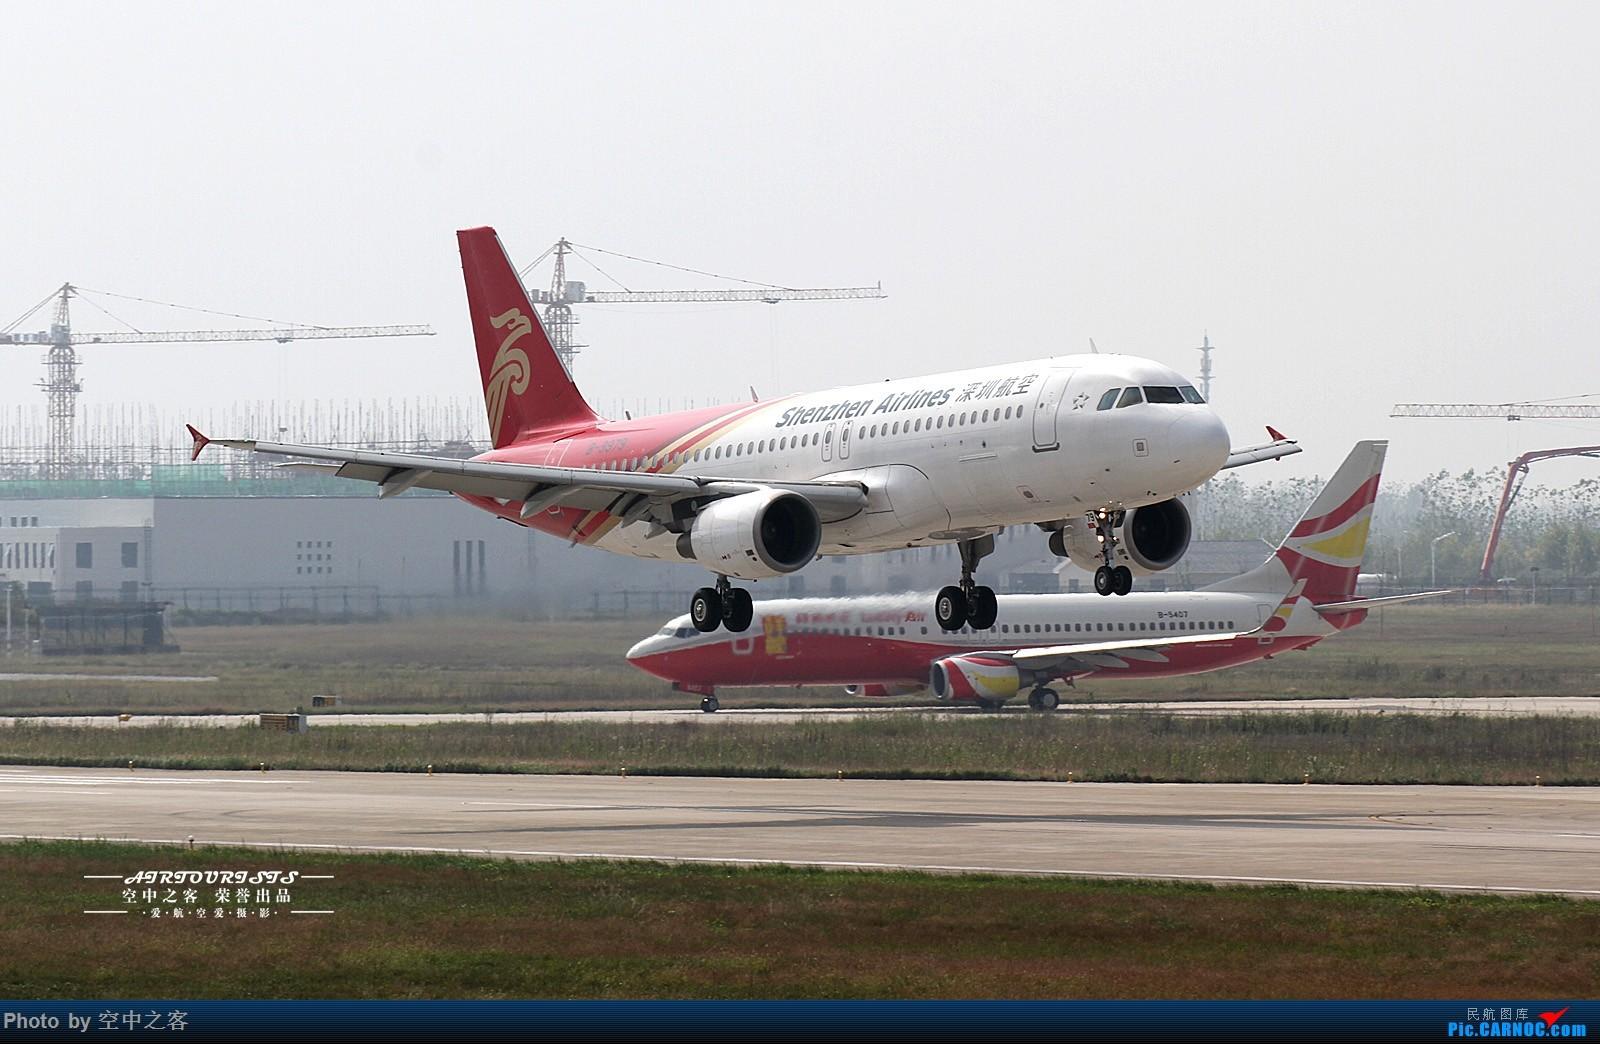 Re:[原创][合肥飞友会·霸都打机队 空中之客出品]国庆假期桥机场33跑道找了个新位置 AIRBUS A320-200 B-9979 合肥新桥国际机场